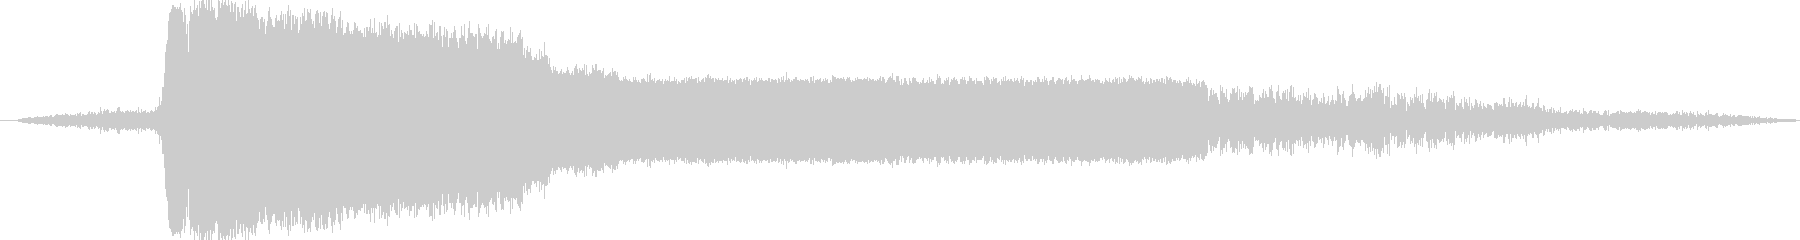 蒸気機関車の汽笛の未再生の波形